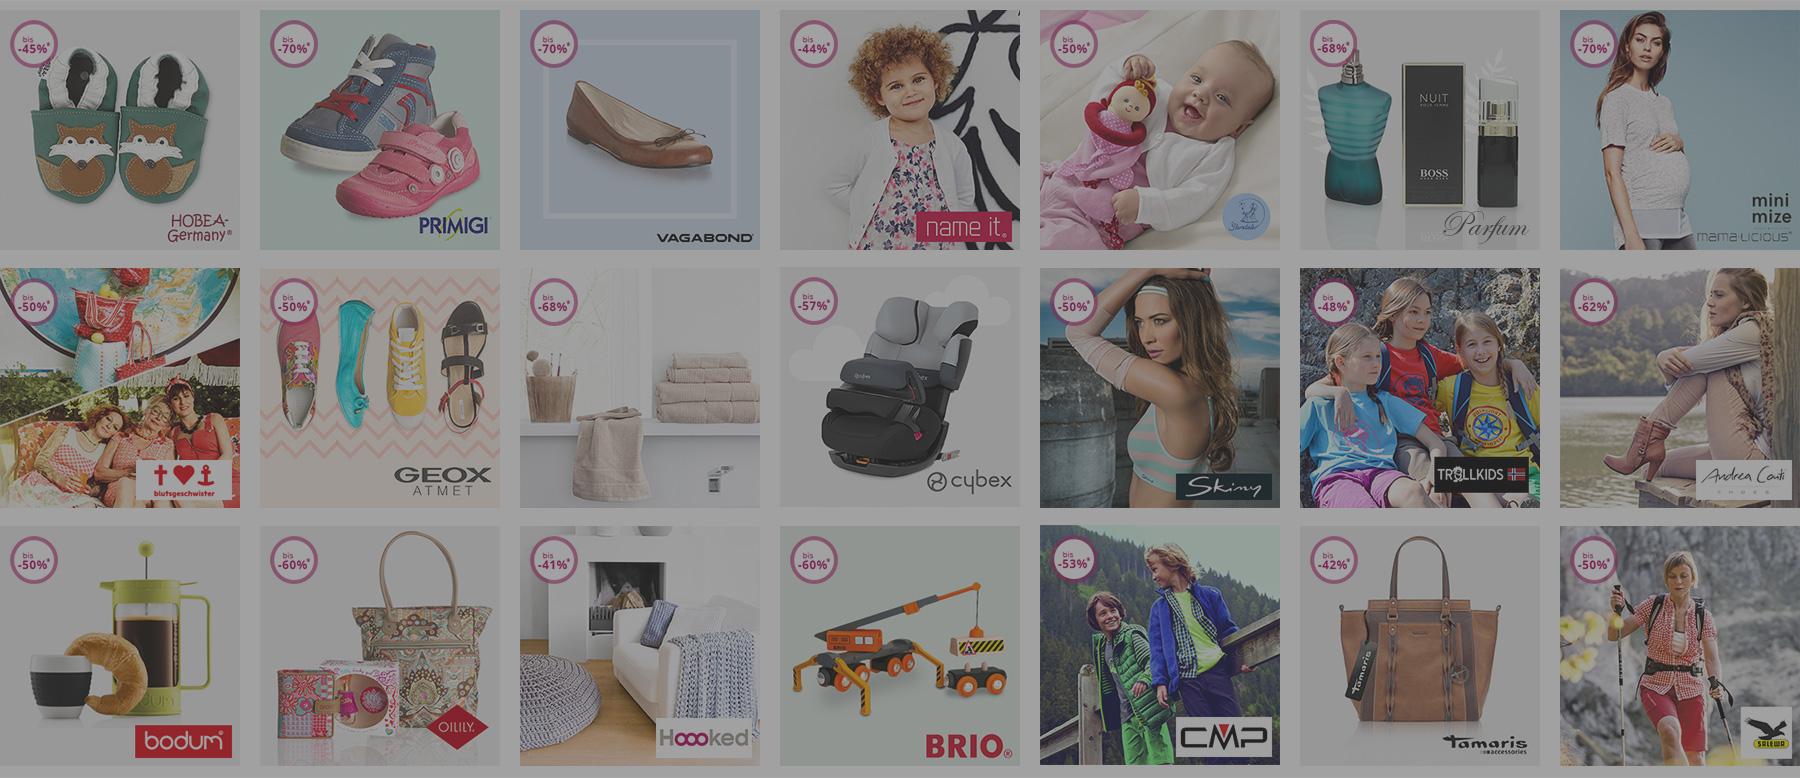 dcf644d823e240 Wyprzedaże odzieży i obuwia - Zakupy Online | Klub Zakupowy Limango